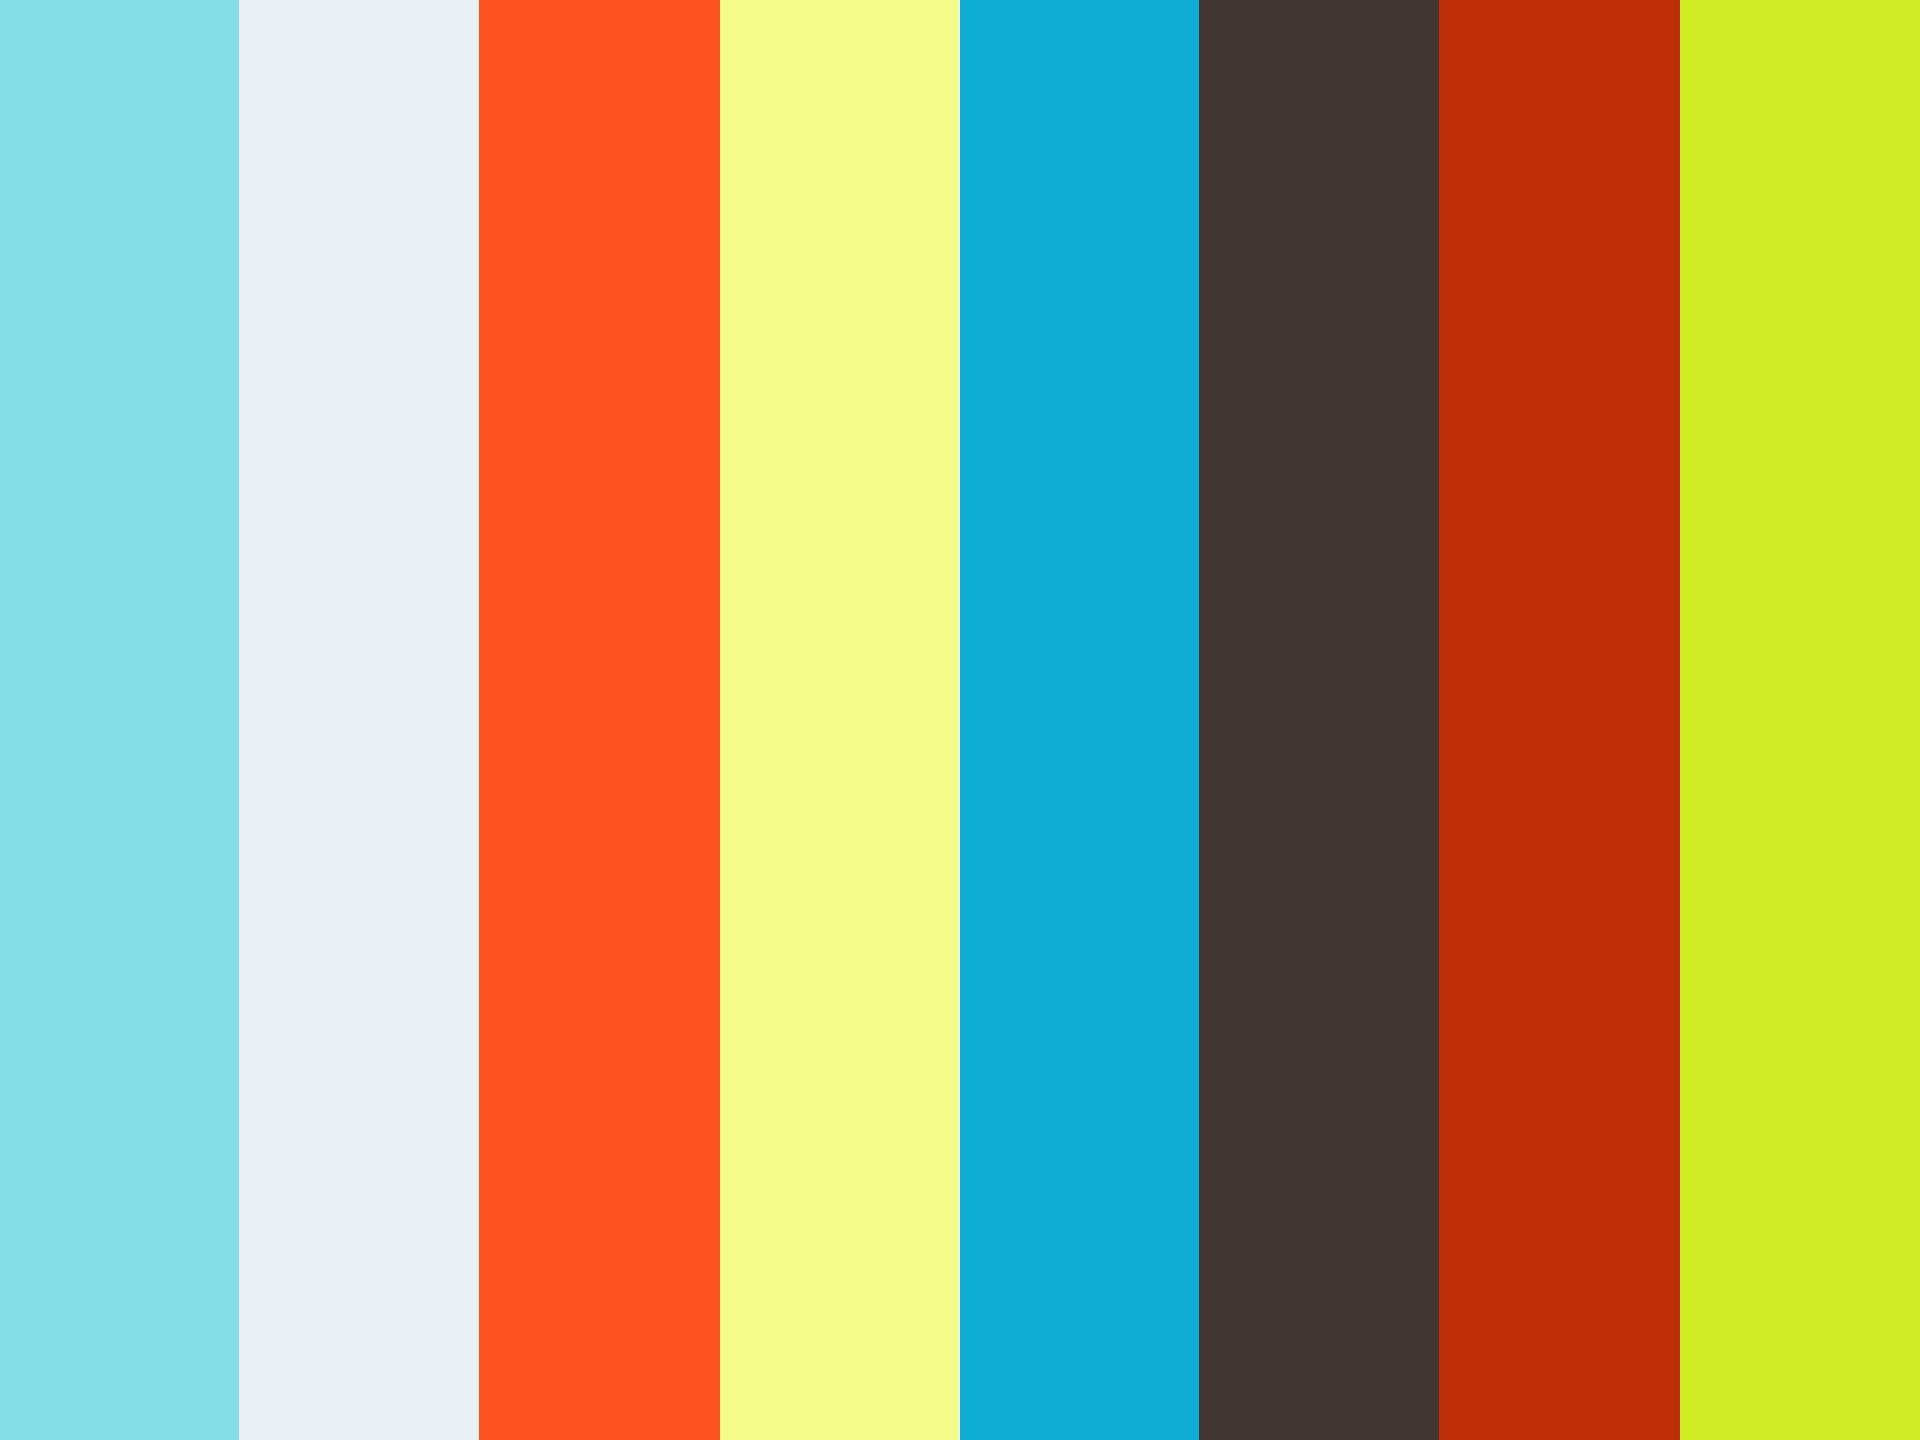 Retrouvez vos programmes mytf1 (tf1, tmc, tfx et tf1 séries films) en replay avec l'expérience mycanal. TF1 - programmes 2015/2016 (Intro) on Vimeo